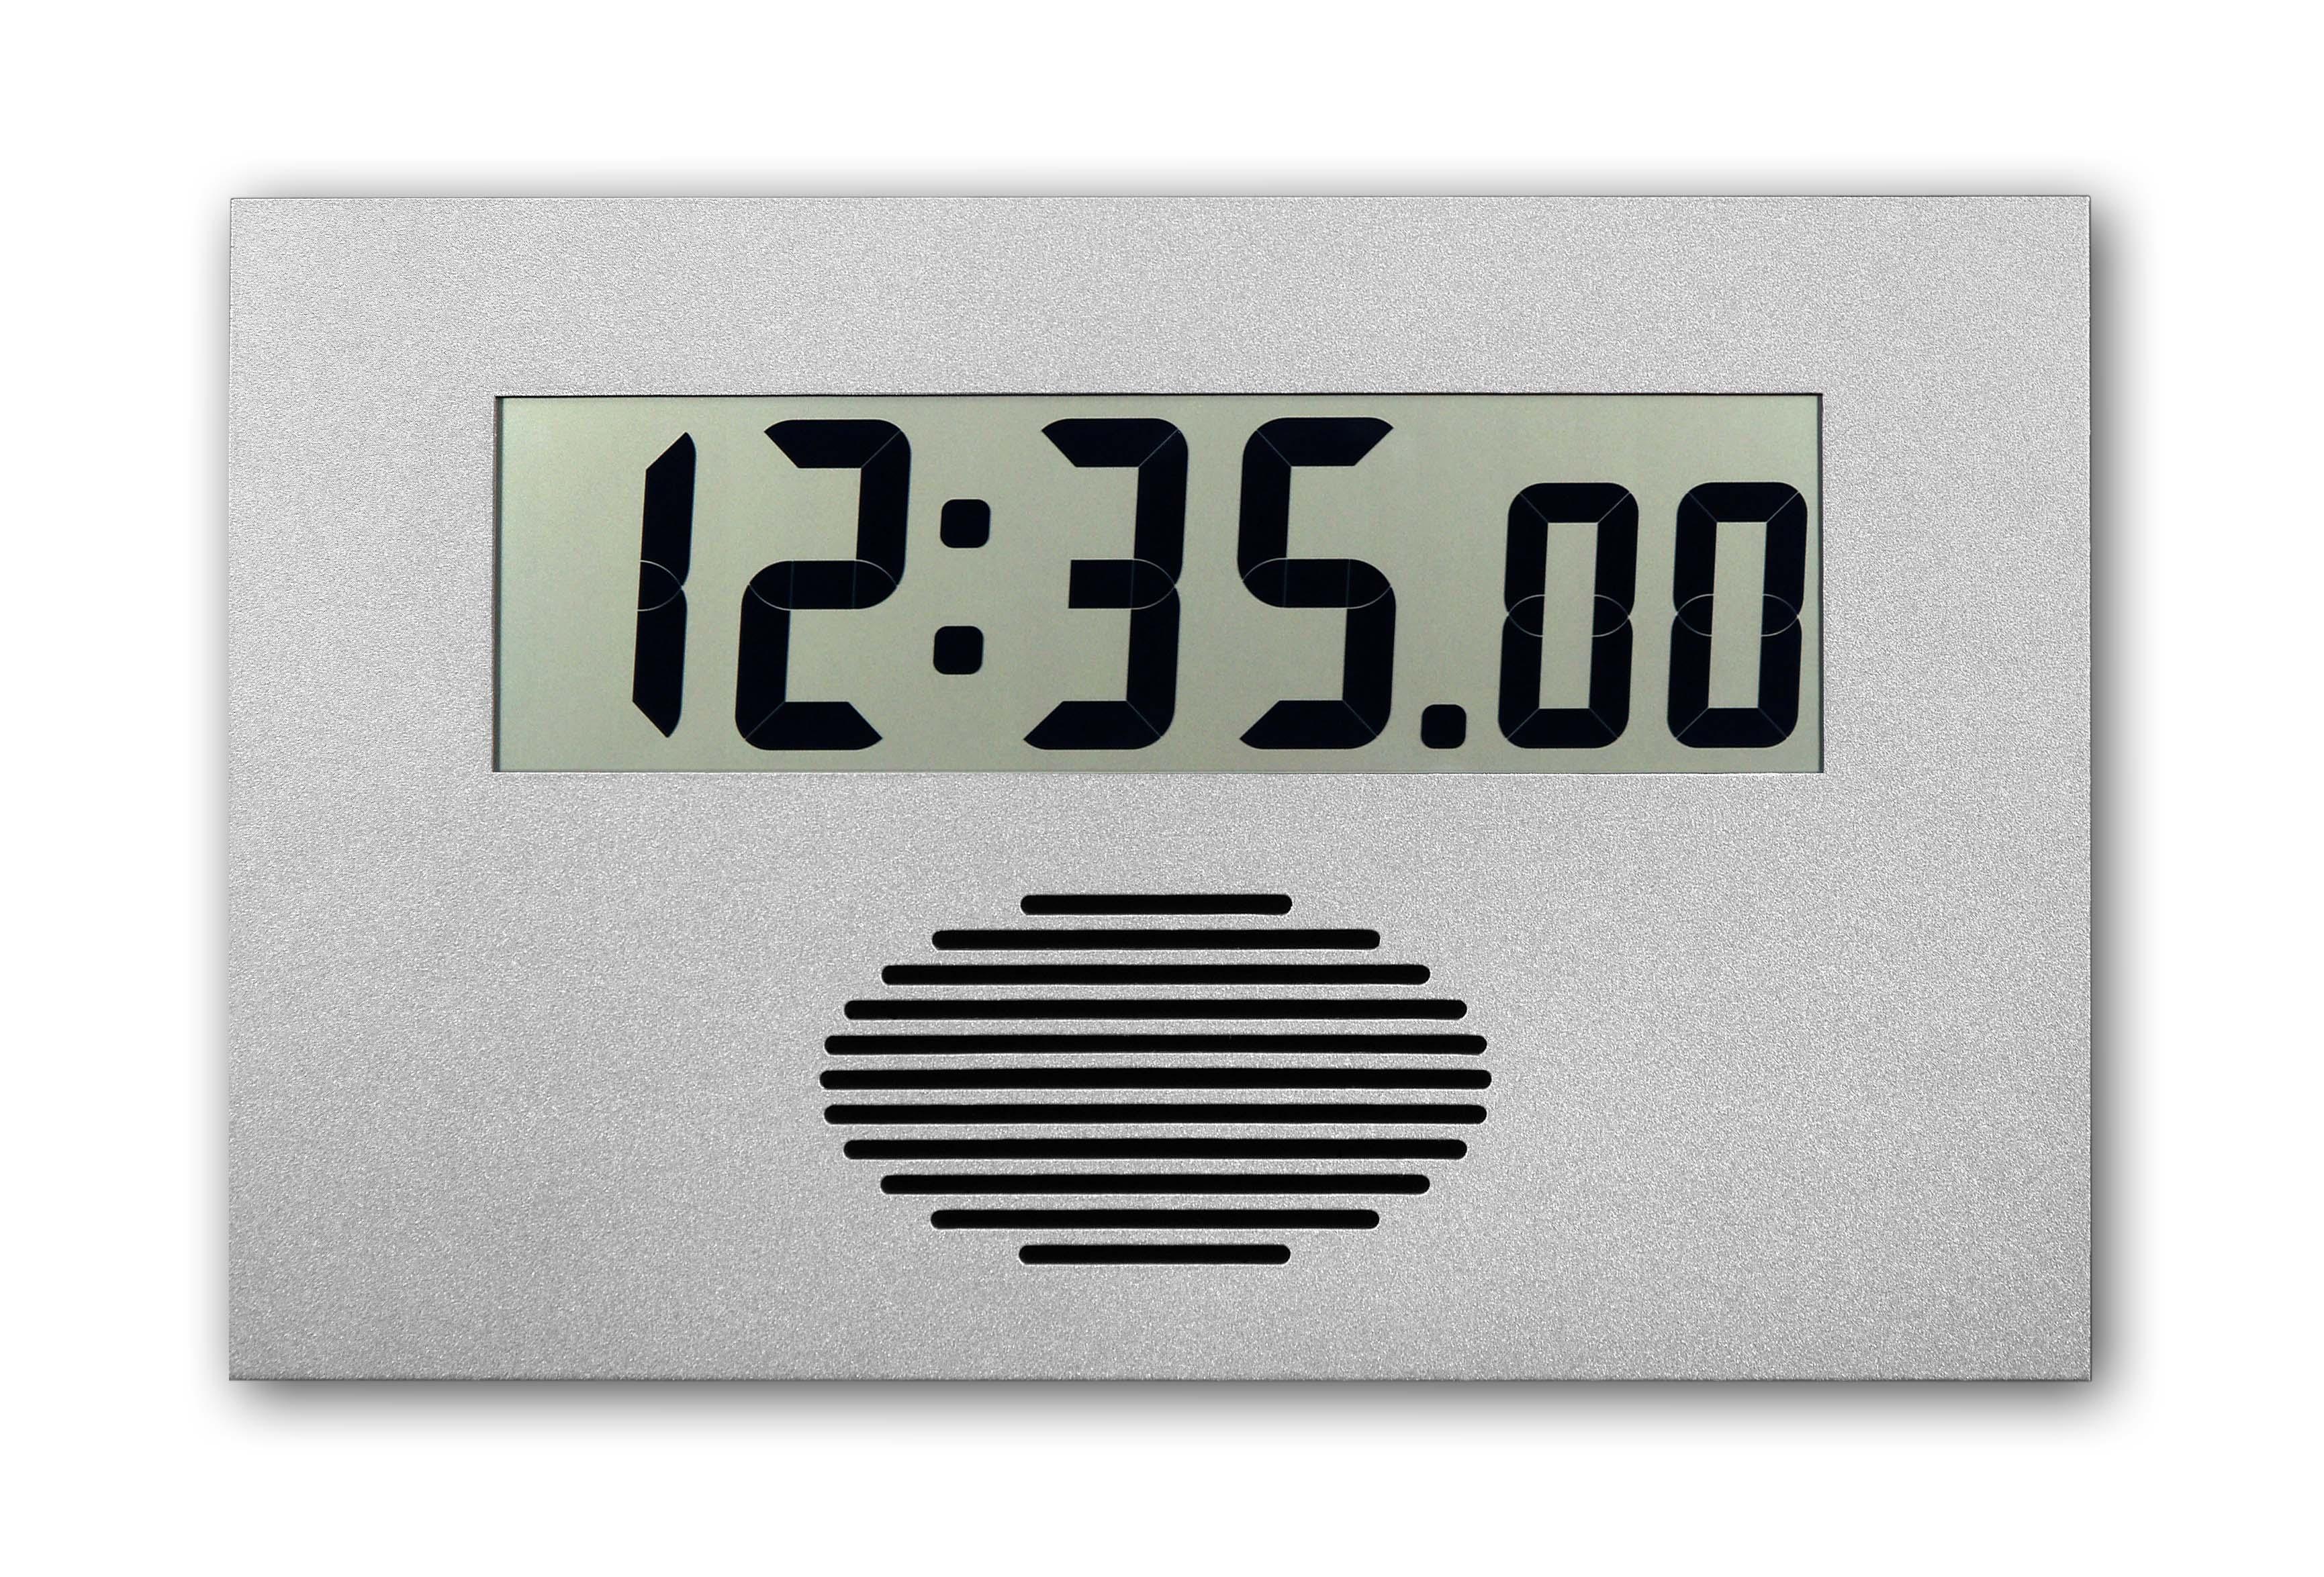 c 75 vlp digitale wanduhr mit gongschlag und programmierbaren pausenzeiten 230volt. Black Bedroom Furniture Sets. Home Design Ideas